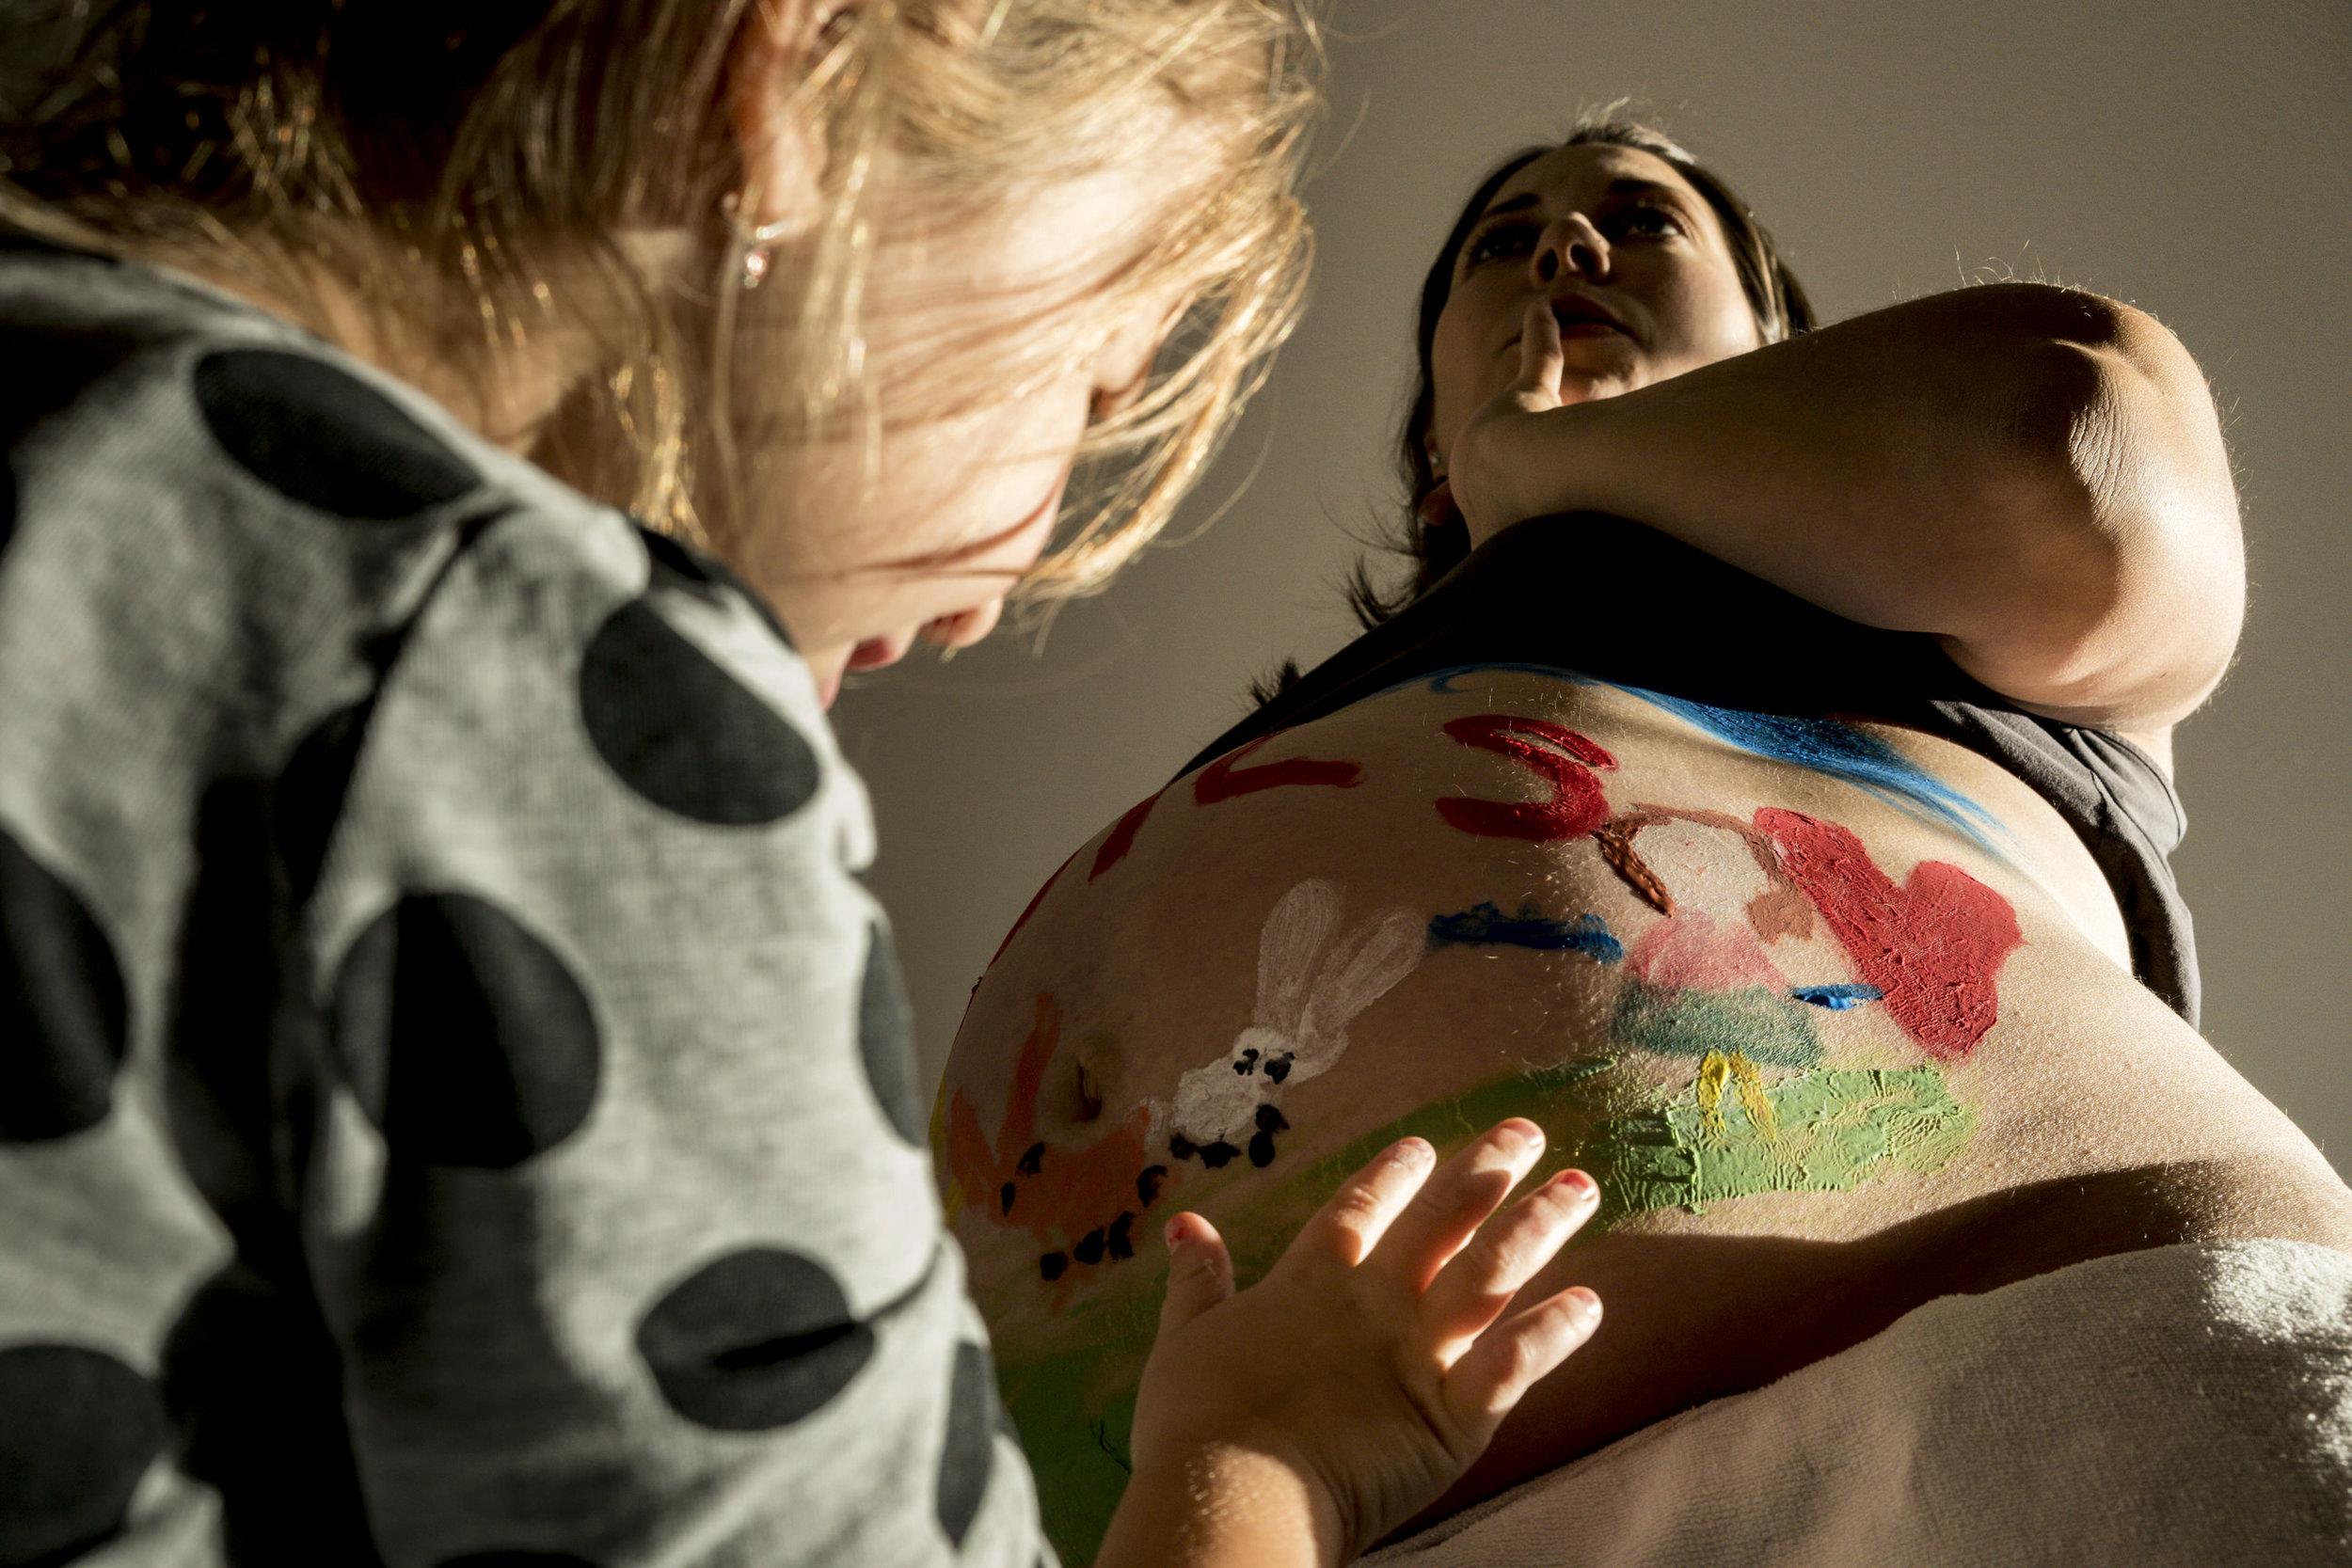 Eines meiner besten Babybauchfotos - Tochter bemalt drinnen den Bauch ihrer glücklichen, schwangeren Mama